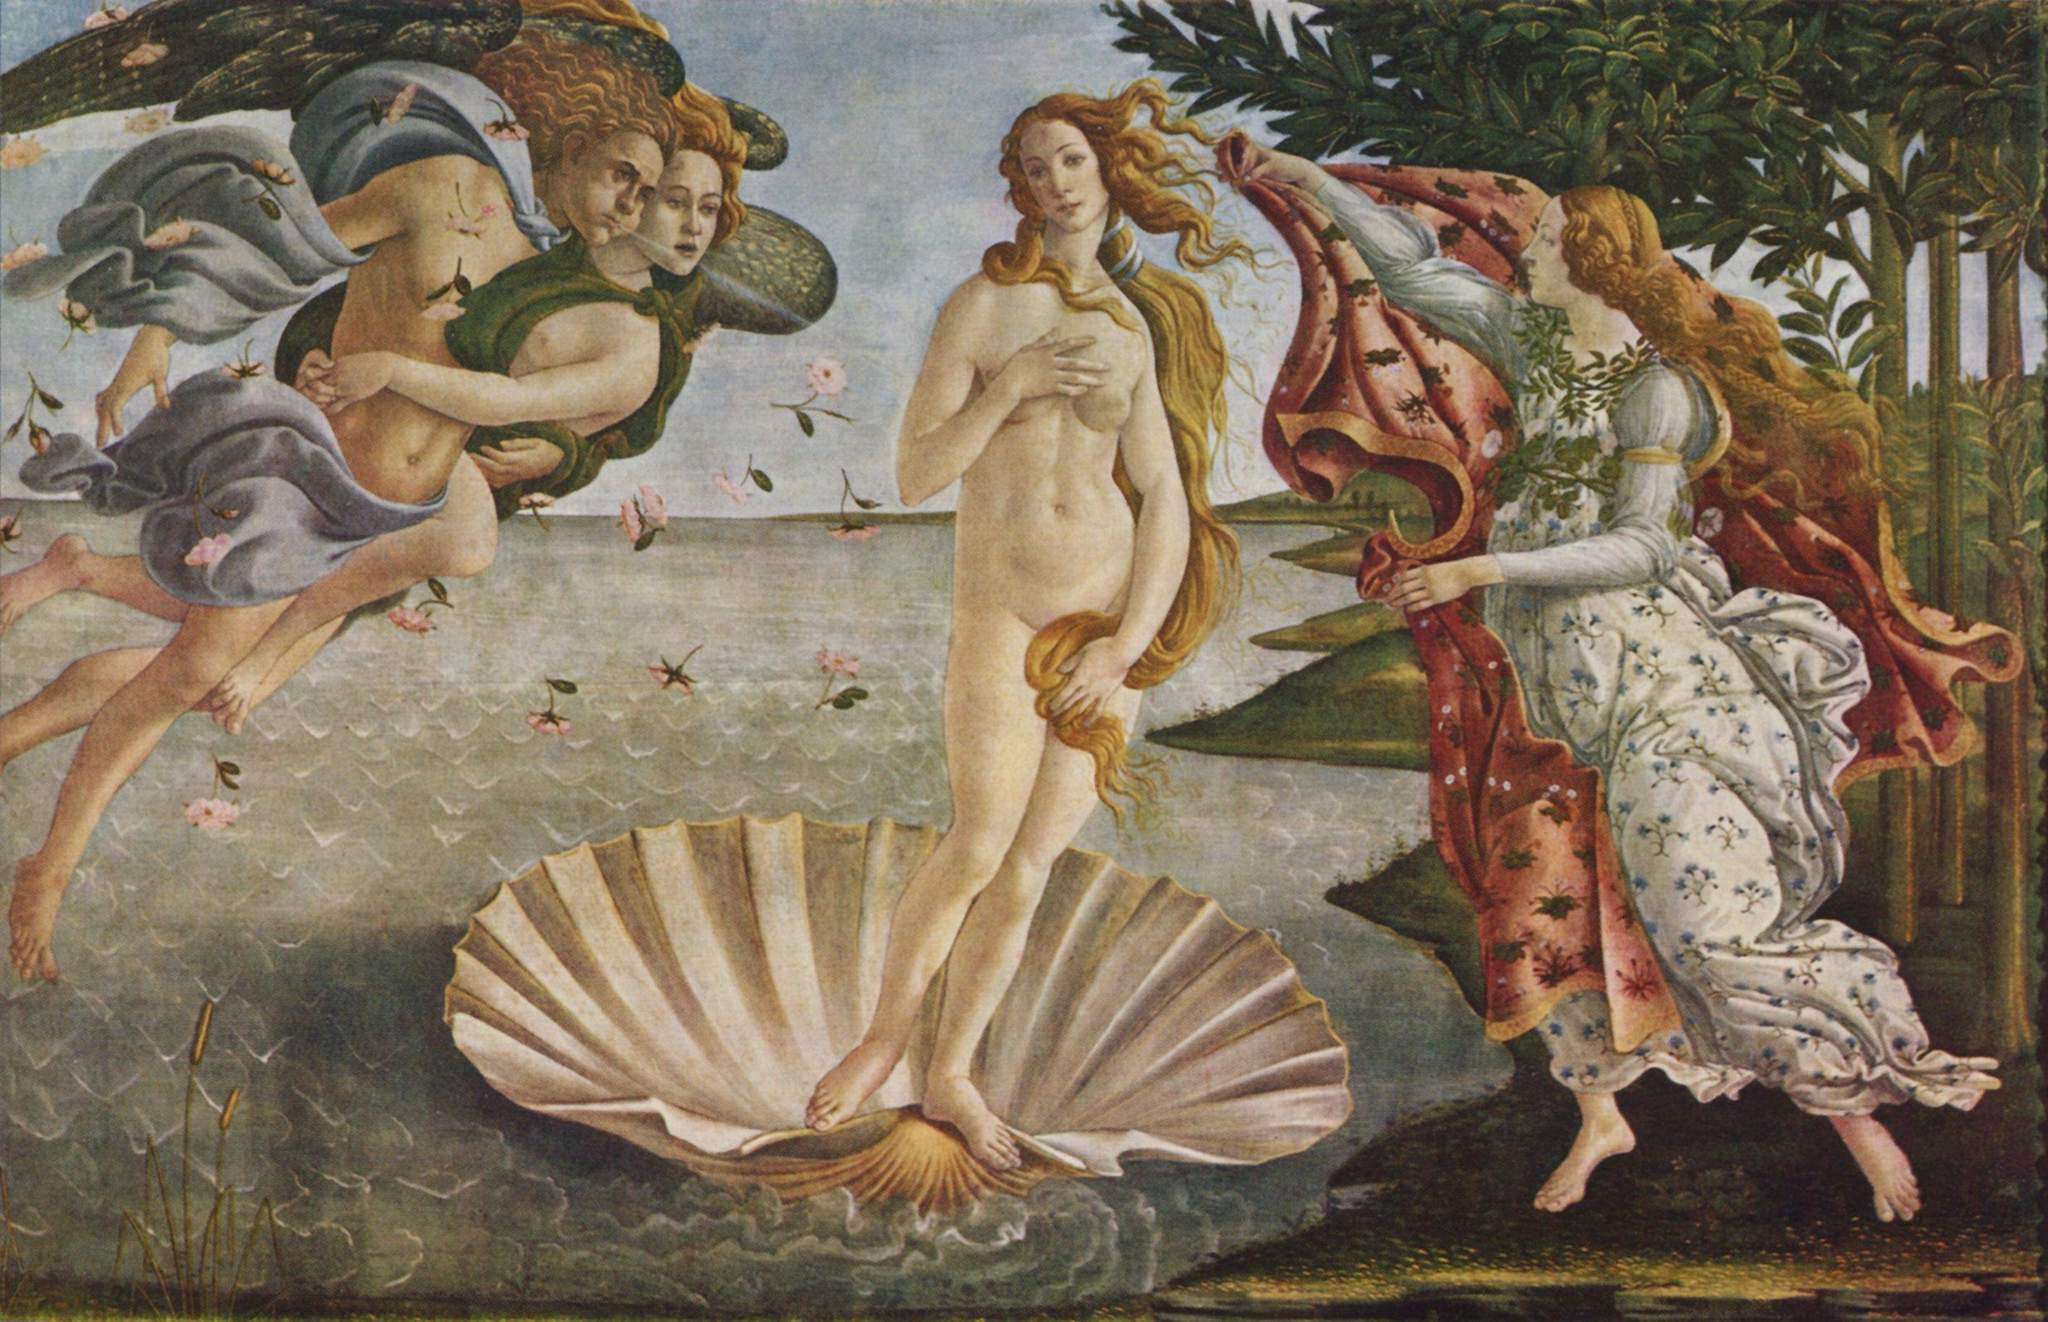 Sandro_Botticelli_046.jpg